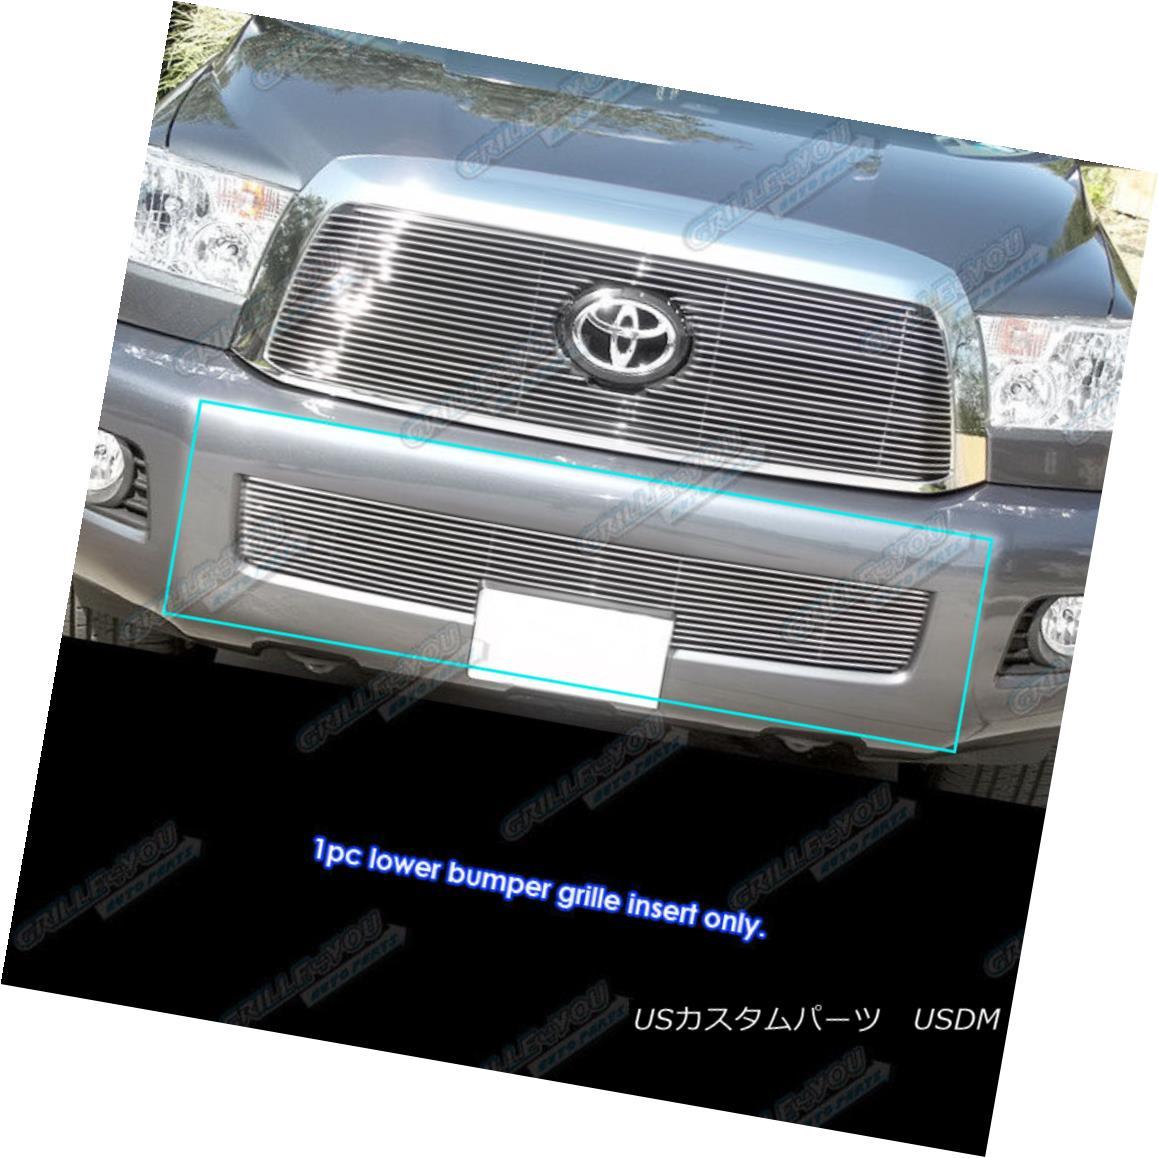 グリル Fits 2008-2017 Toyota Sequoia Bumper Billet Grille Insert フィット2008-2017トヨタセコイアバンパービレットグリルインサート